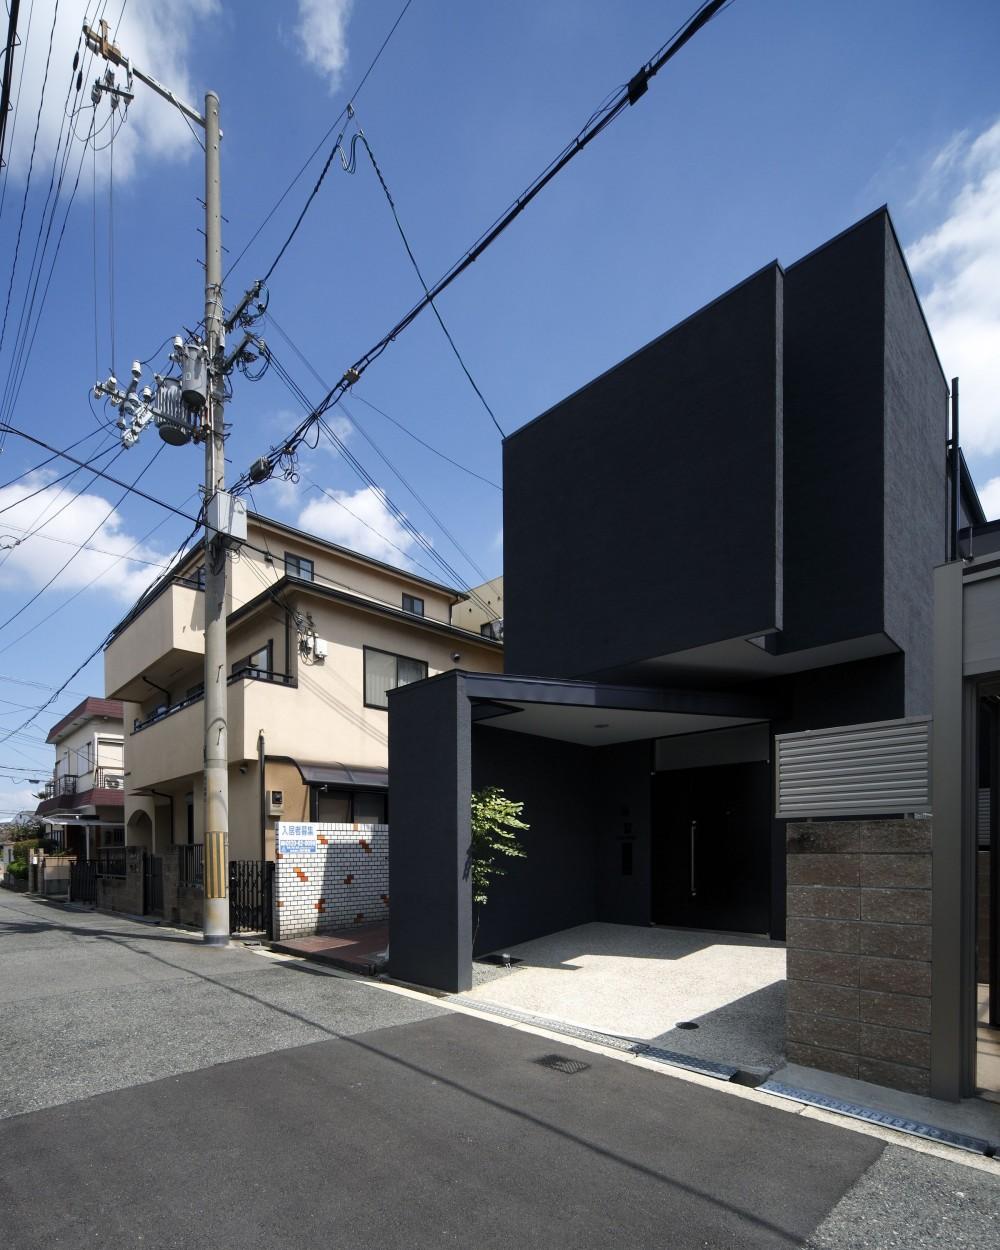 黒壁の家 – 旗竿地に建つF字型プランの家 – (外観)